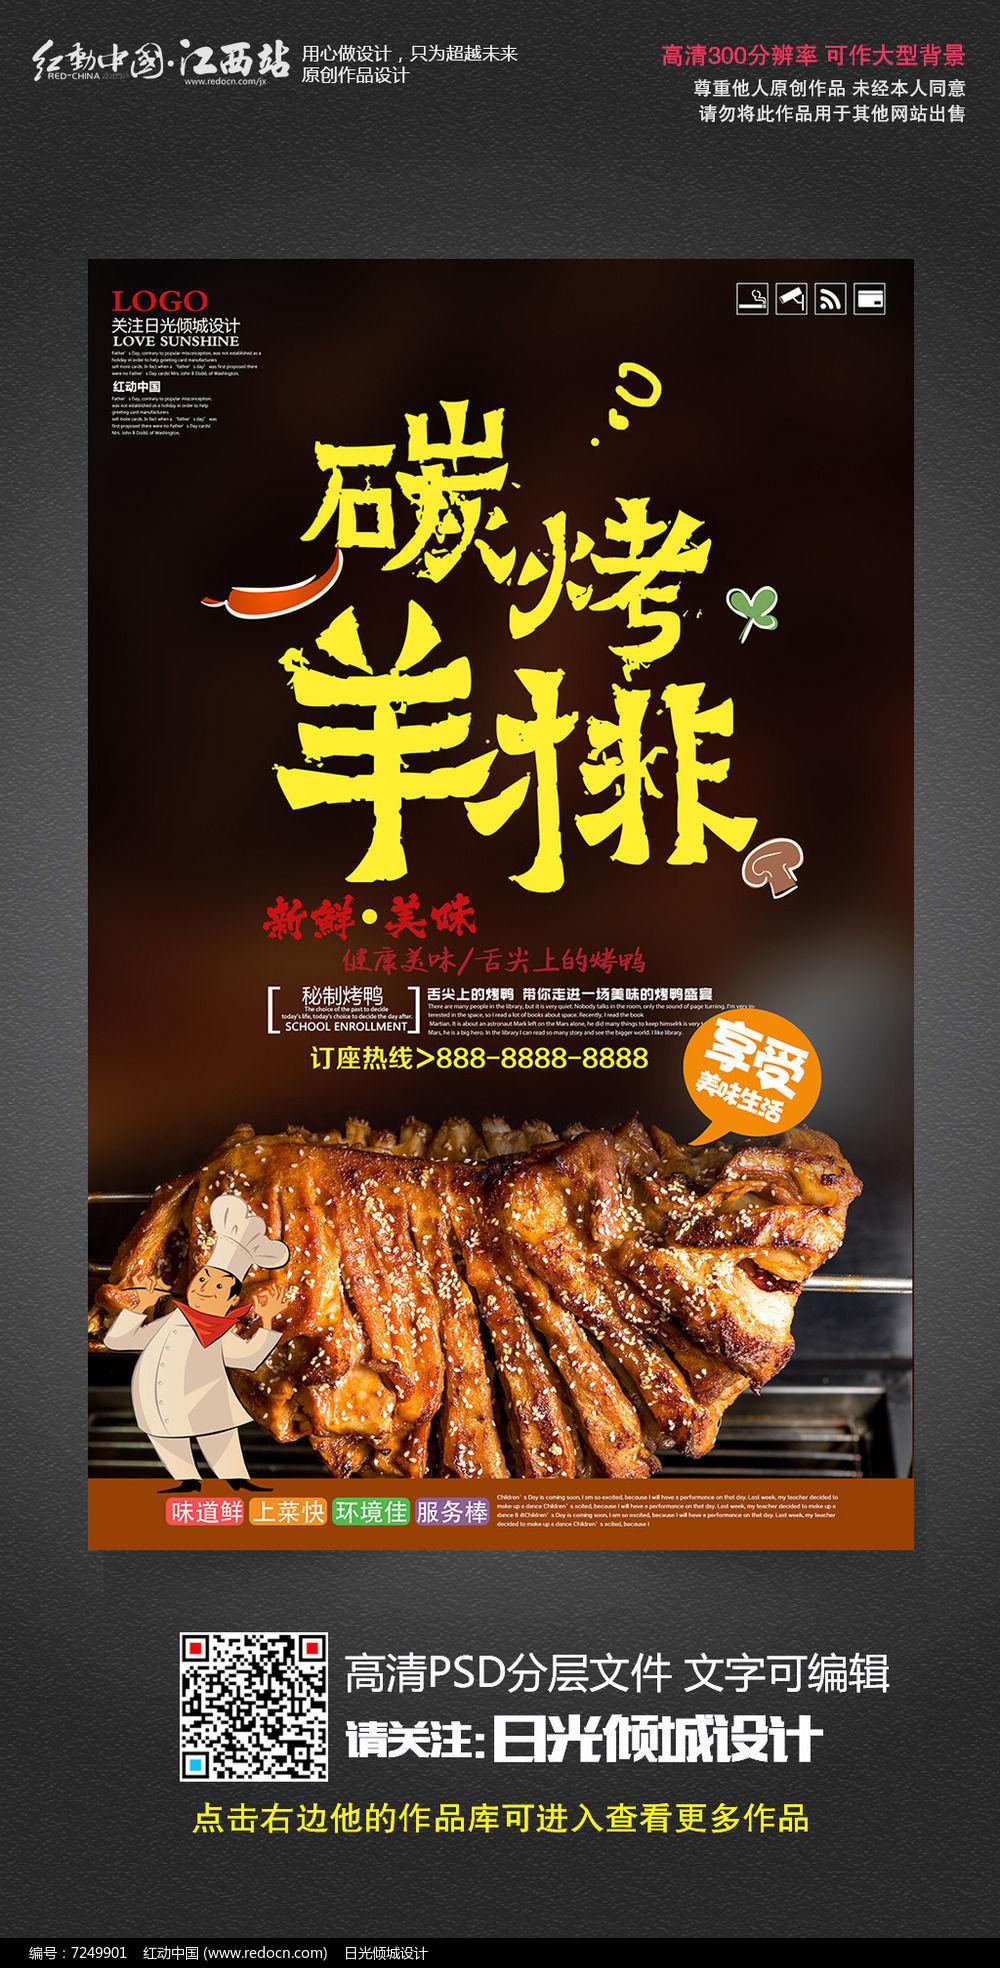 创意碳烤羊排烤全羊宣传海报